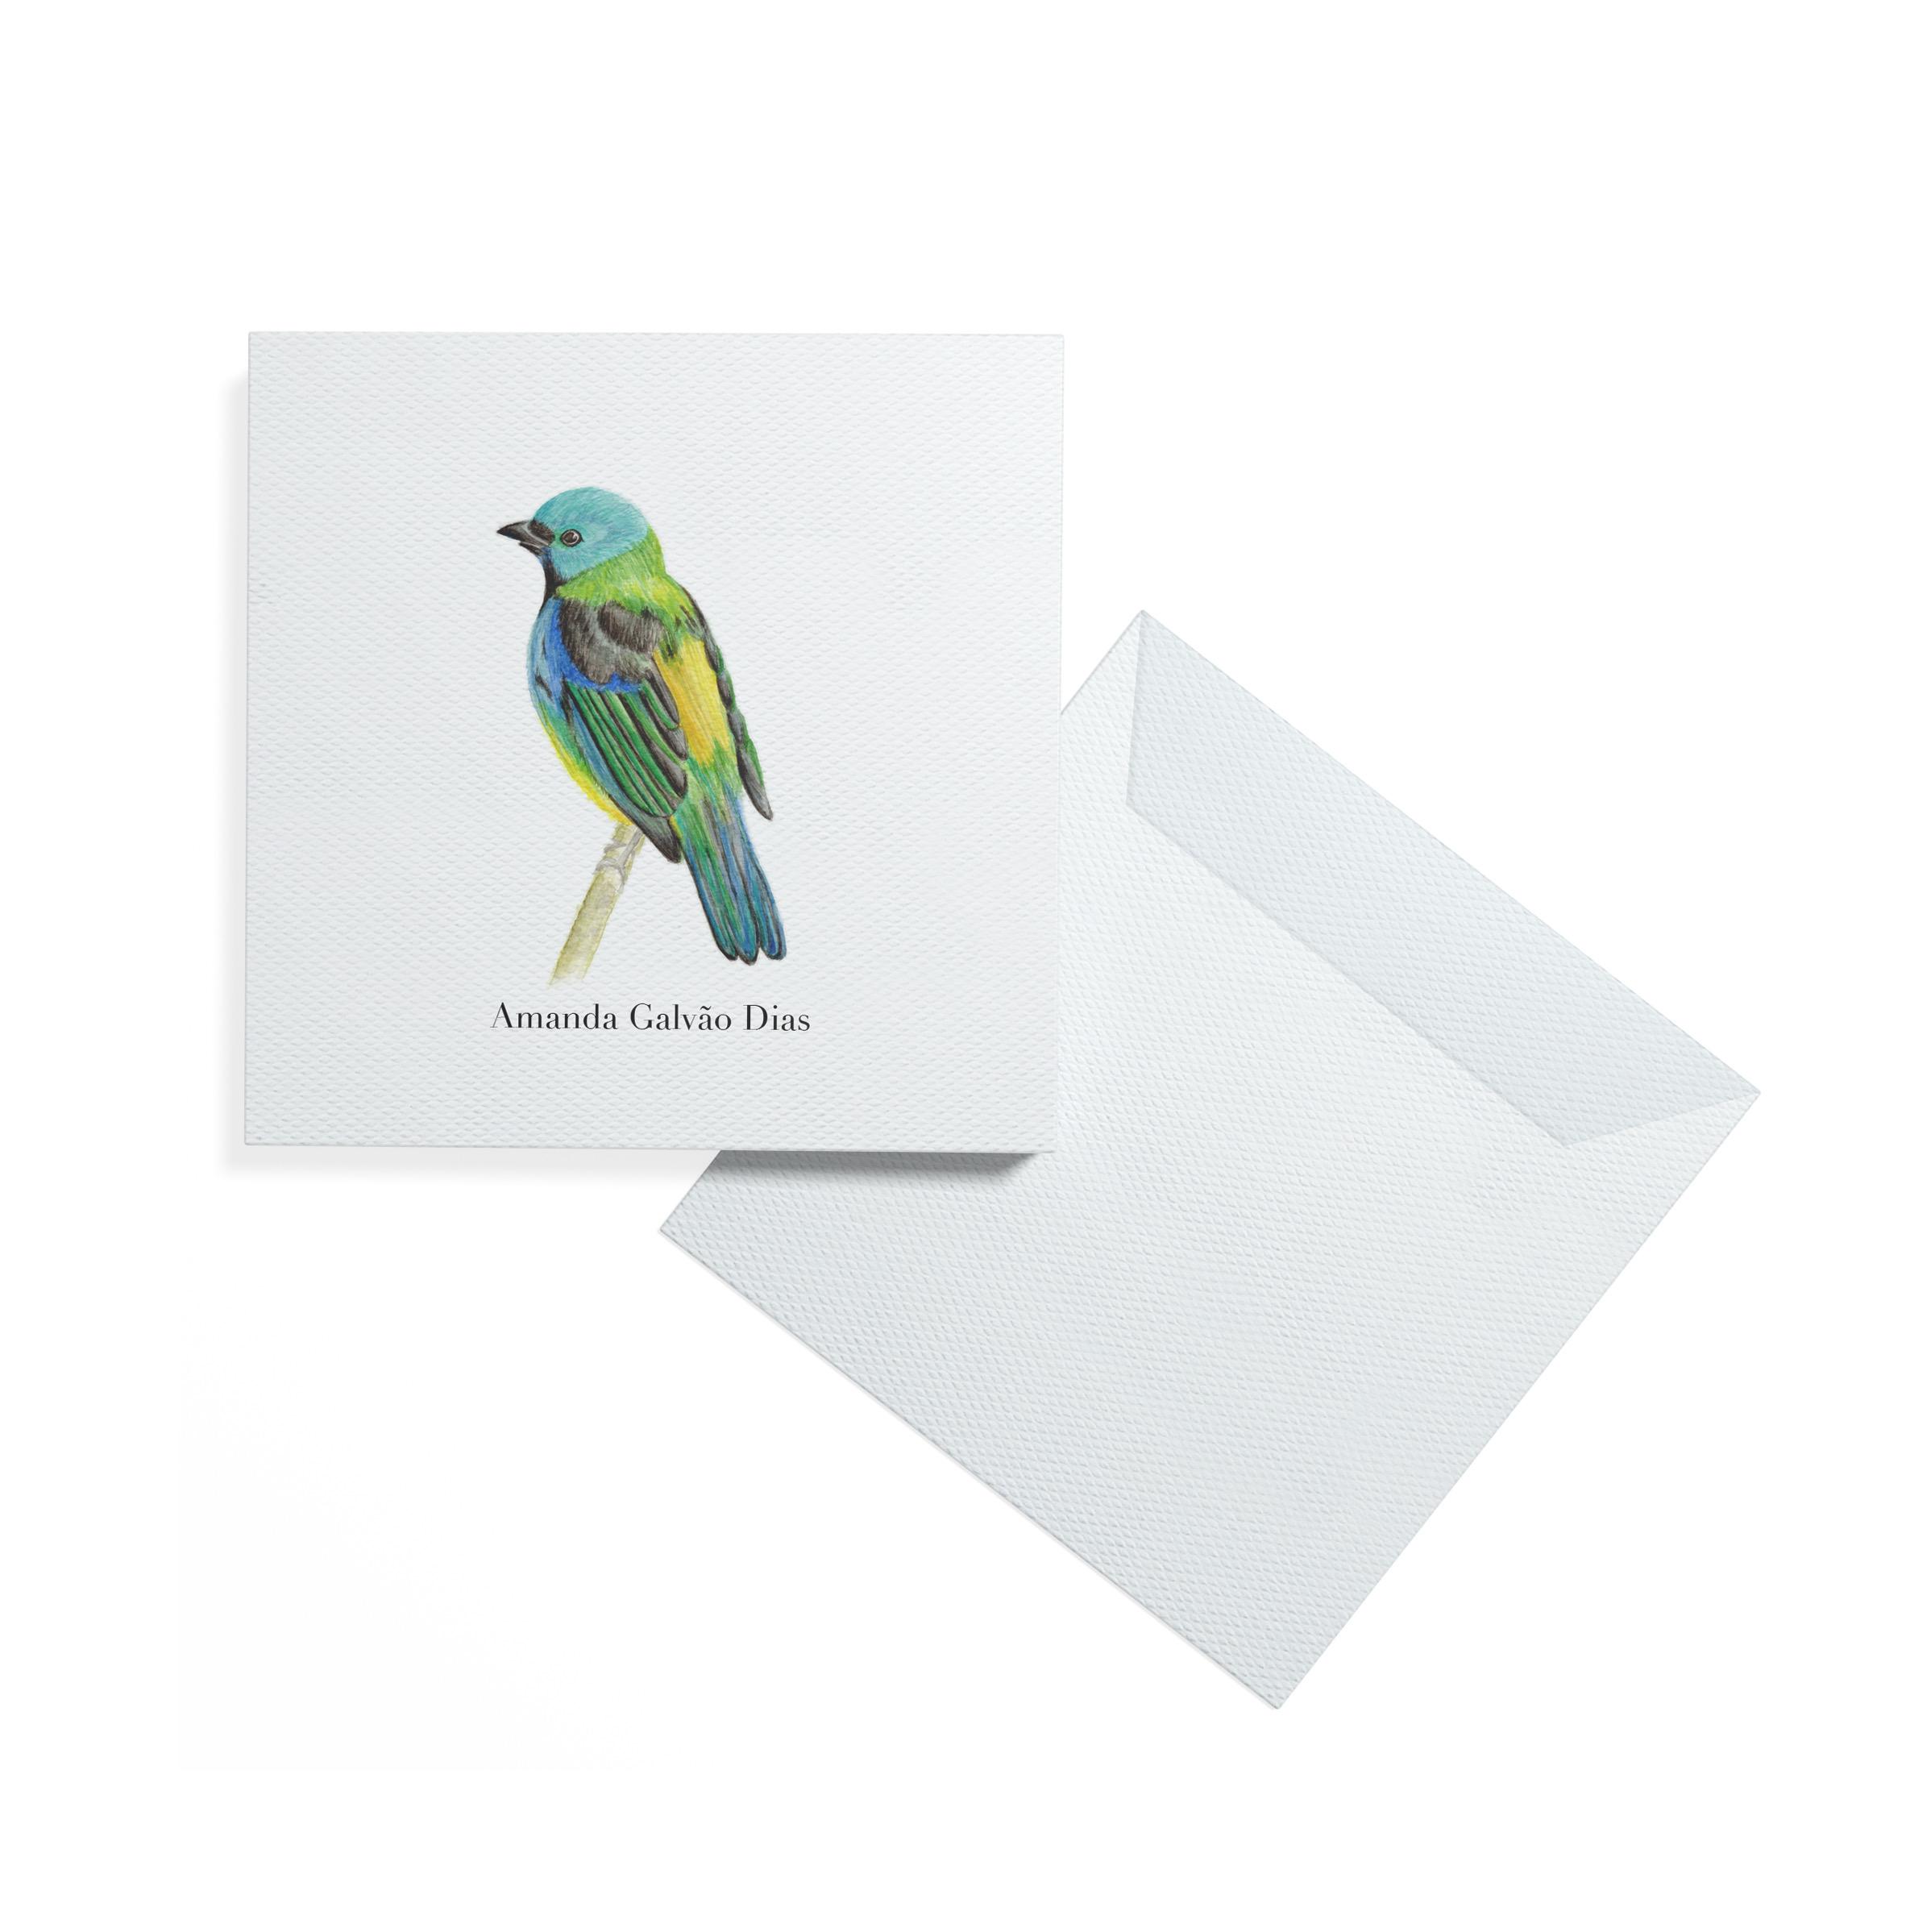 cartão_modelo_fundo_branco_saira